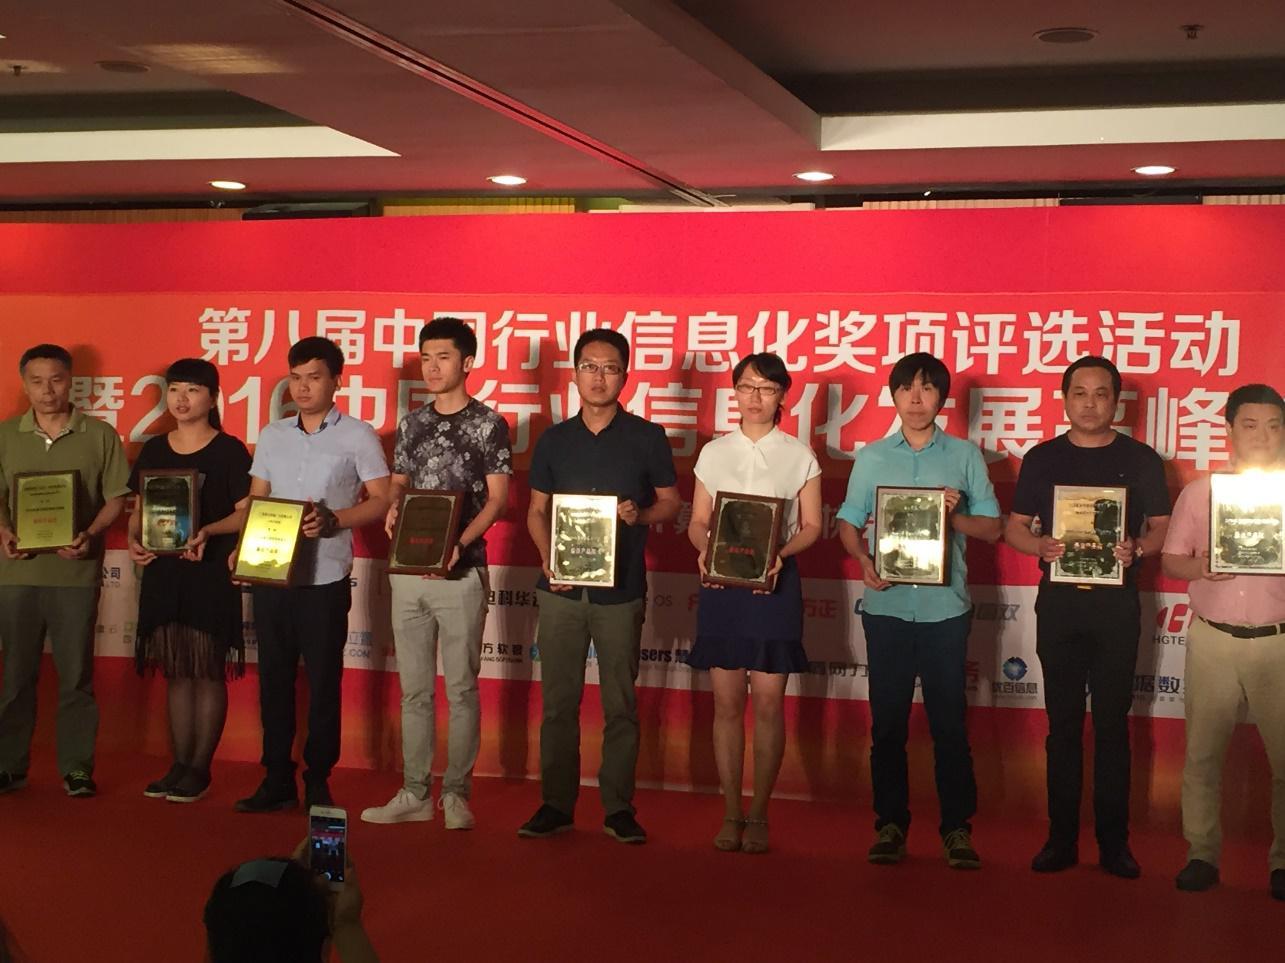 我司国密浏览器产品荣获2016信息安全最佳产品奖